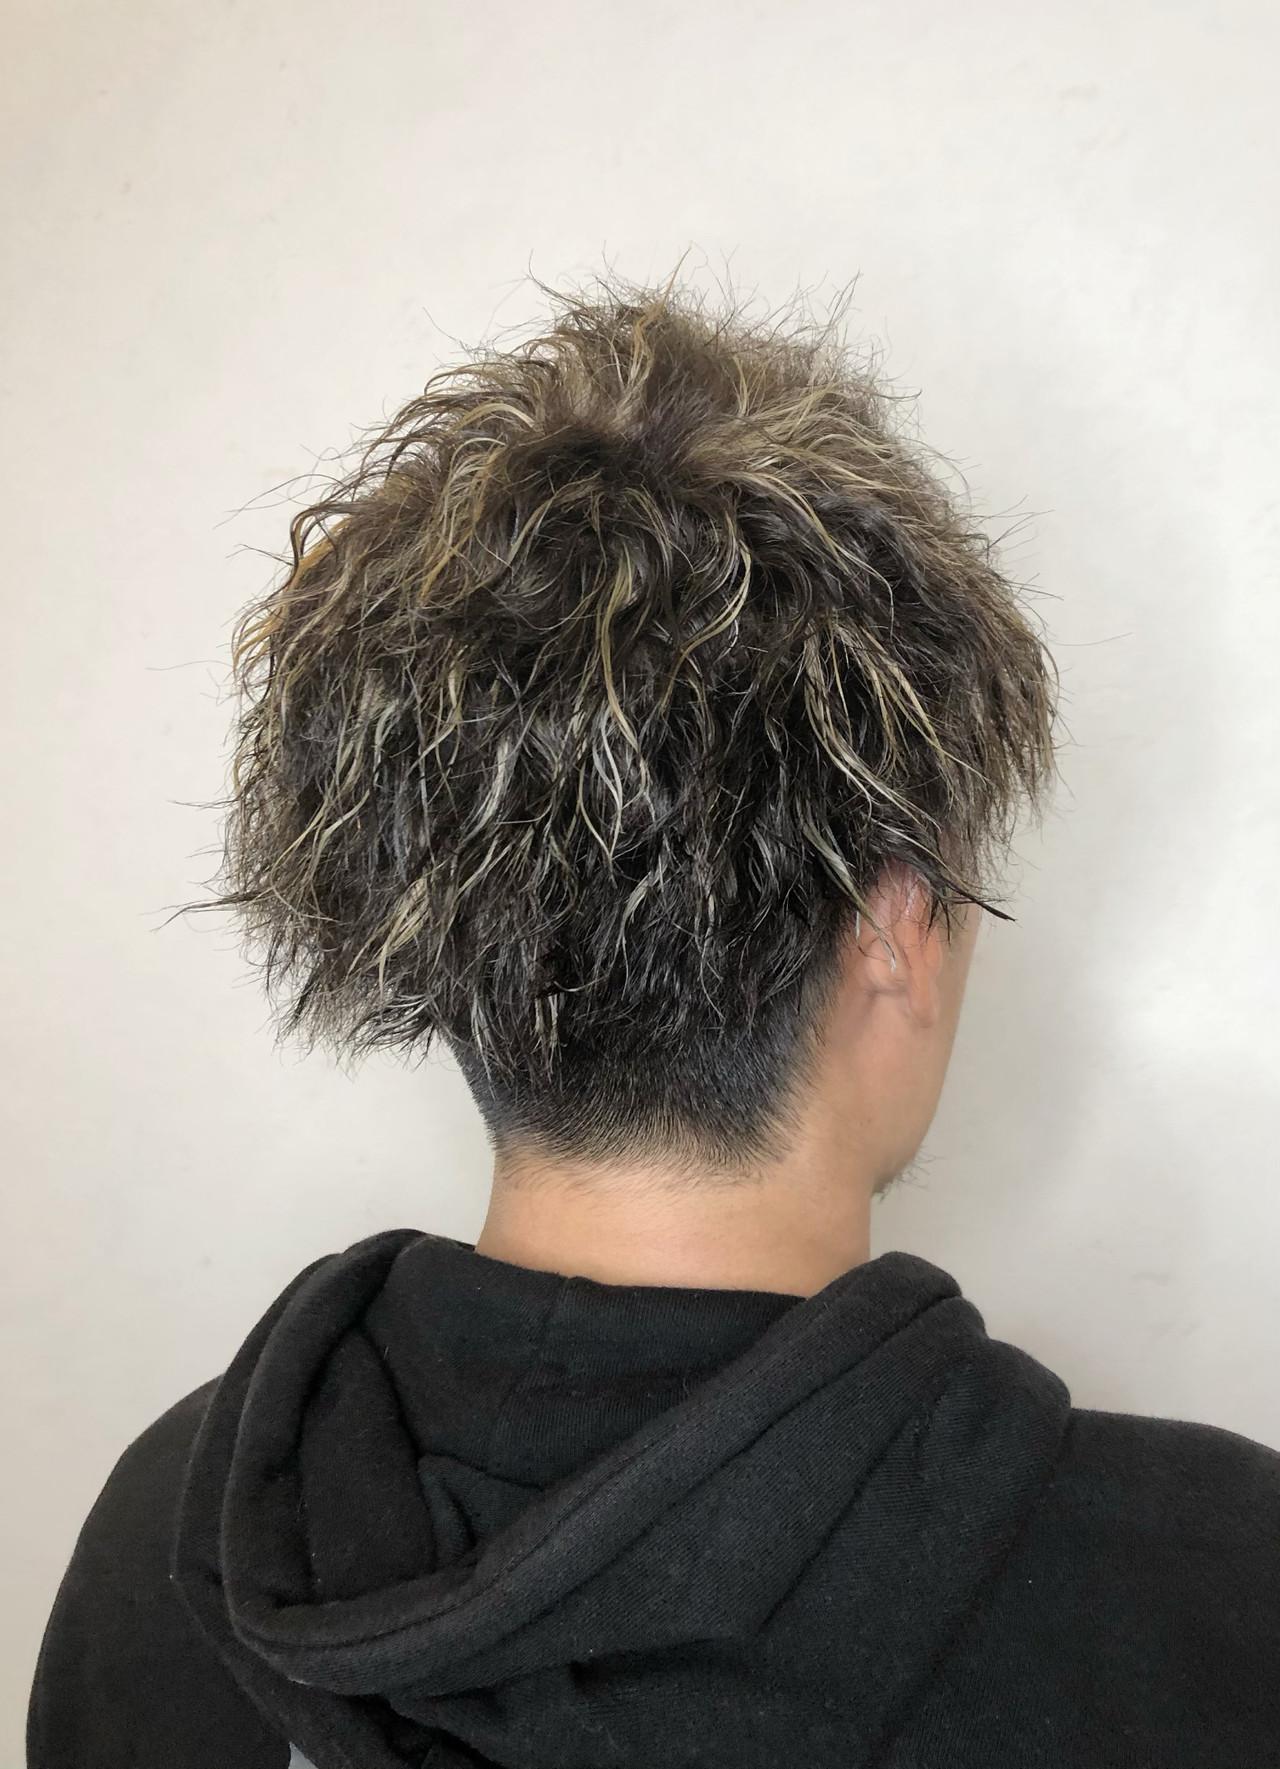 デート メンズカット ショート メンズ ヘアスタイルや髪型の写真・画像